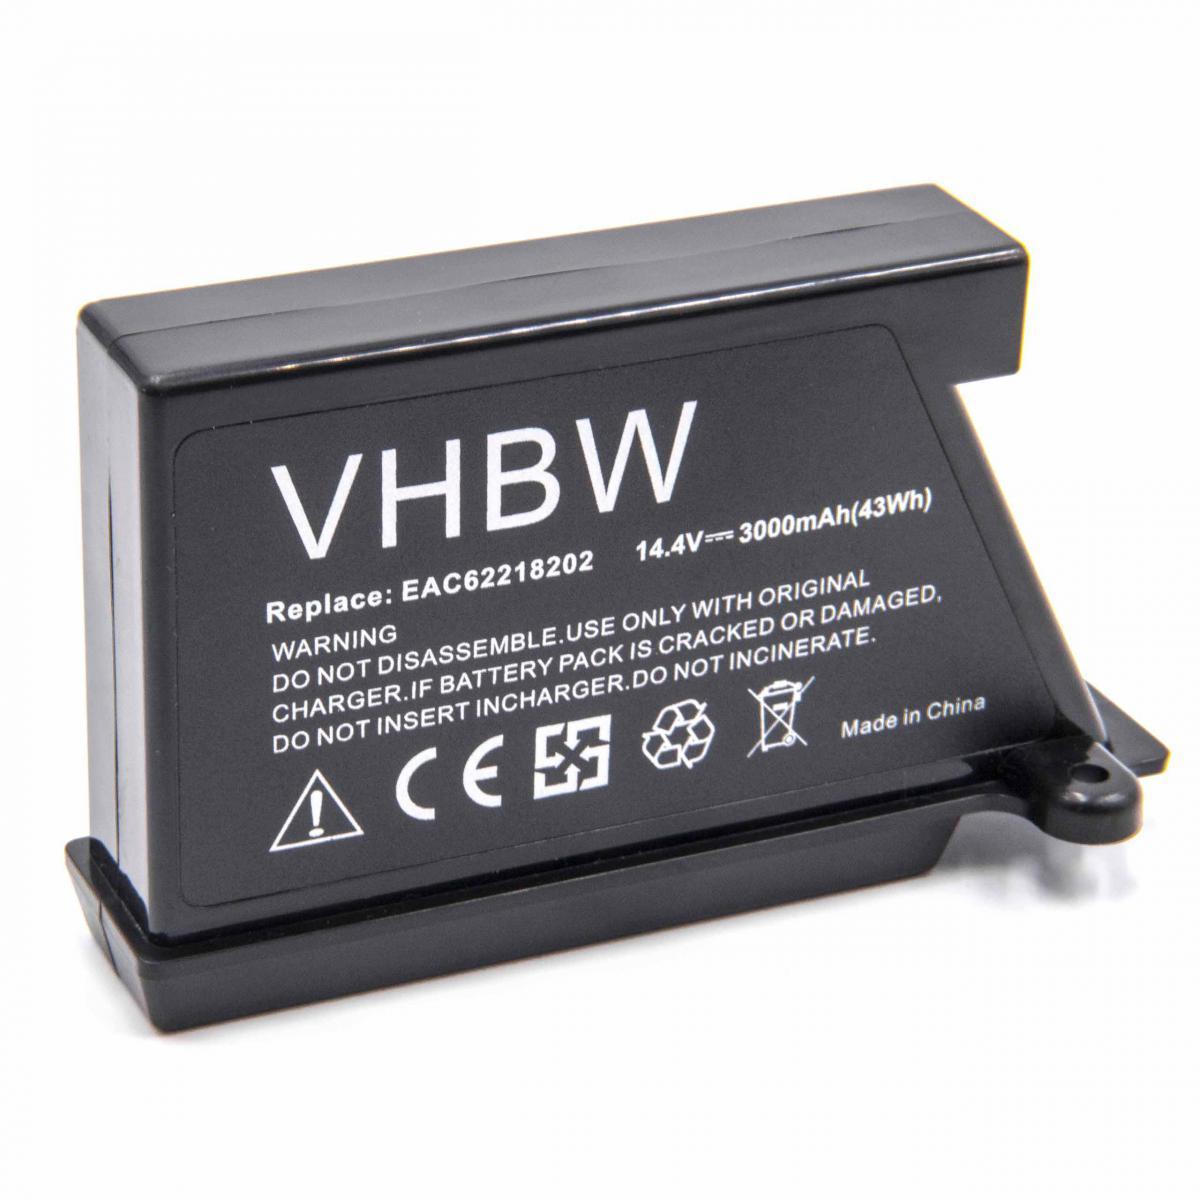 Vhbw vhbw Batterie compatible avec LG HOM-BOT VR5907KL, VR5907LM, VR5908KL, VR5908LM robot électroménager (3000mAh, 14,4V, Li